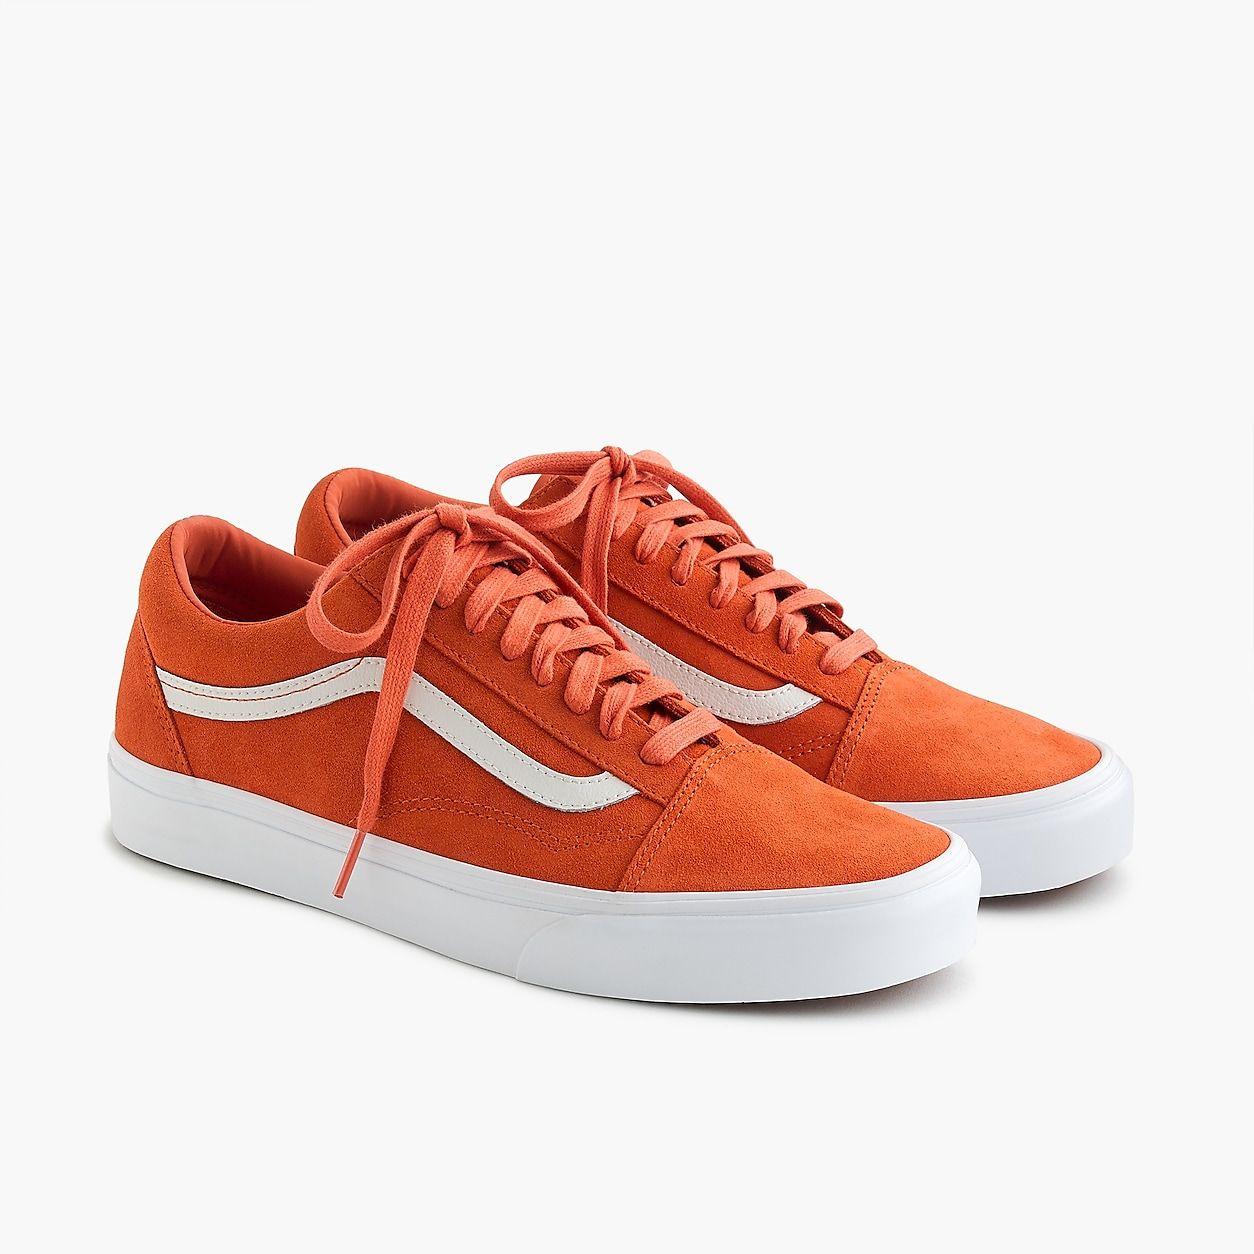 Vans Old Skool Sneakers In Orange Suede | Orange vans, Vans